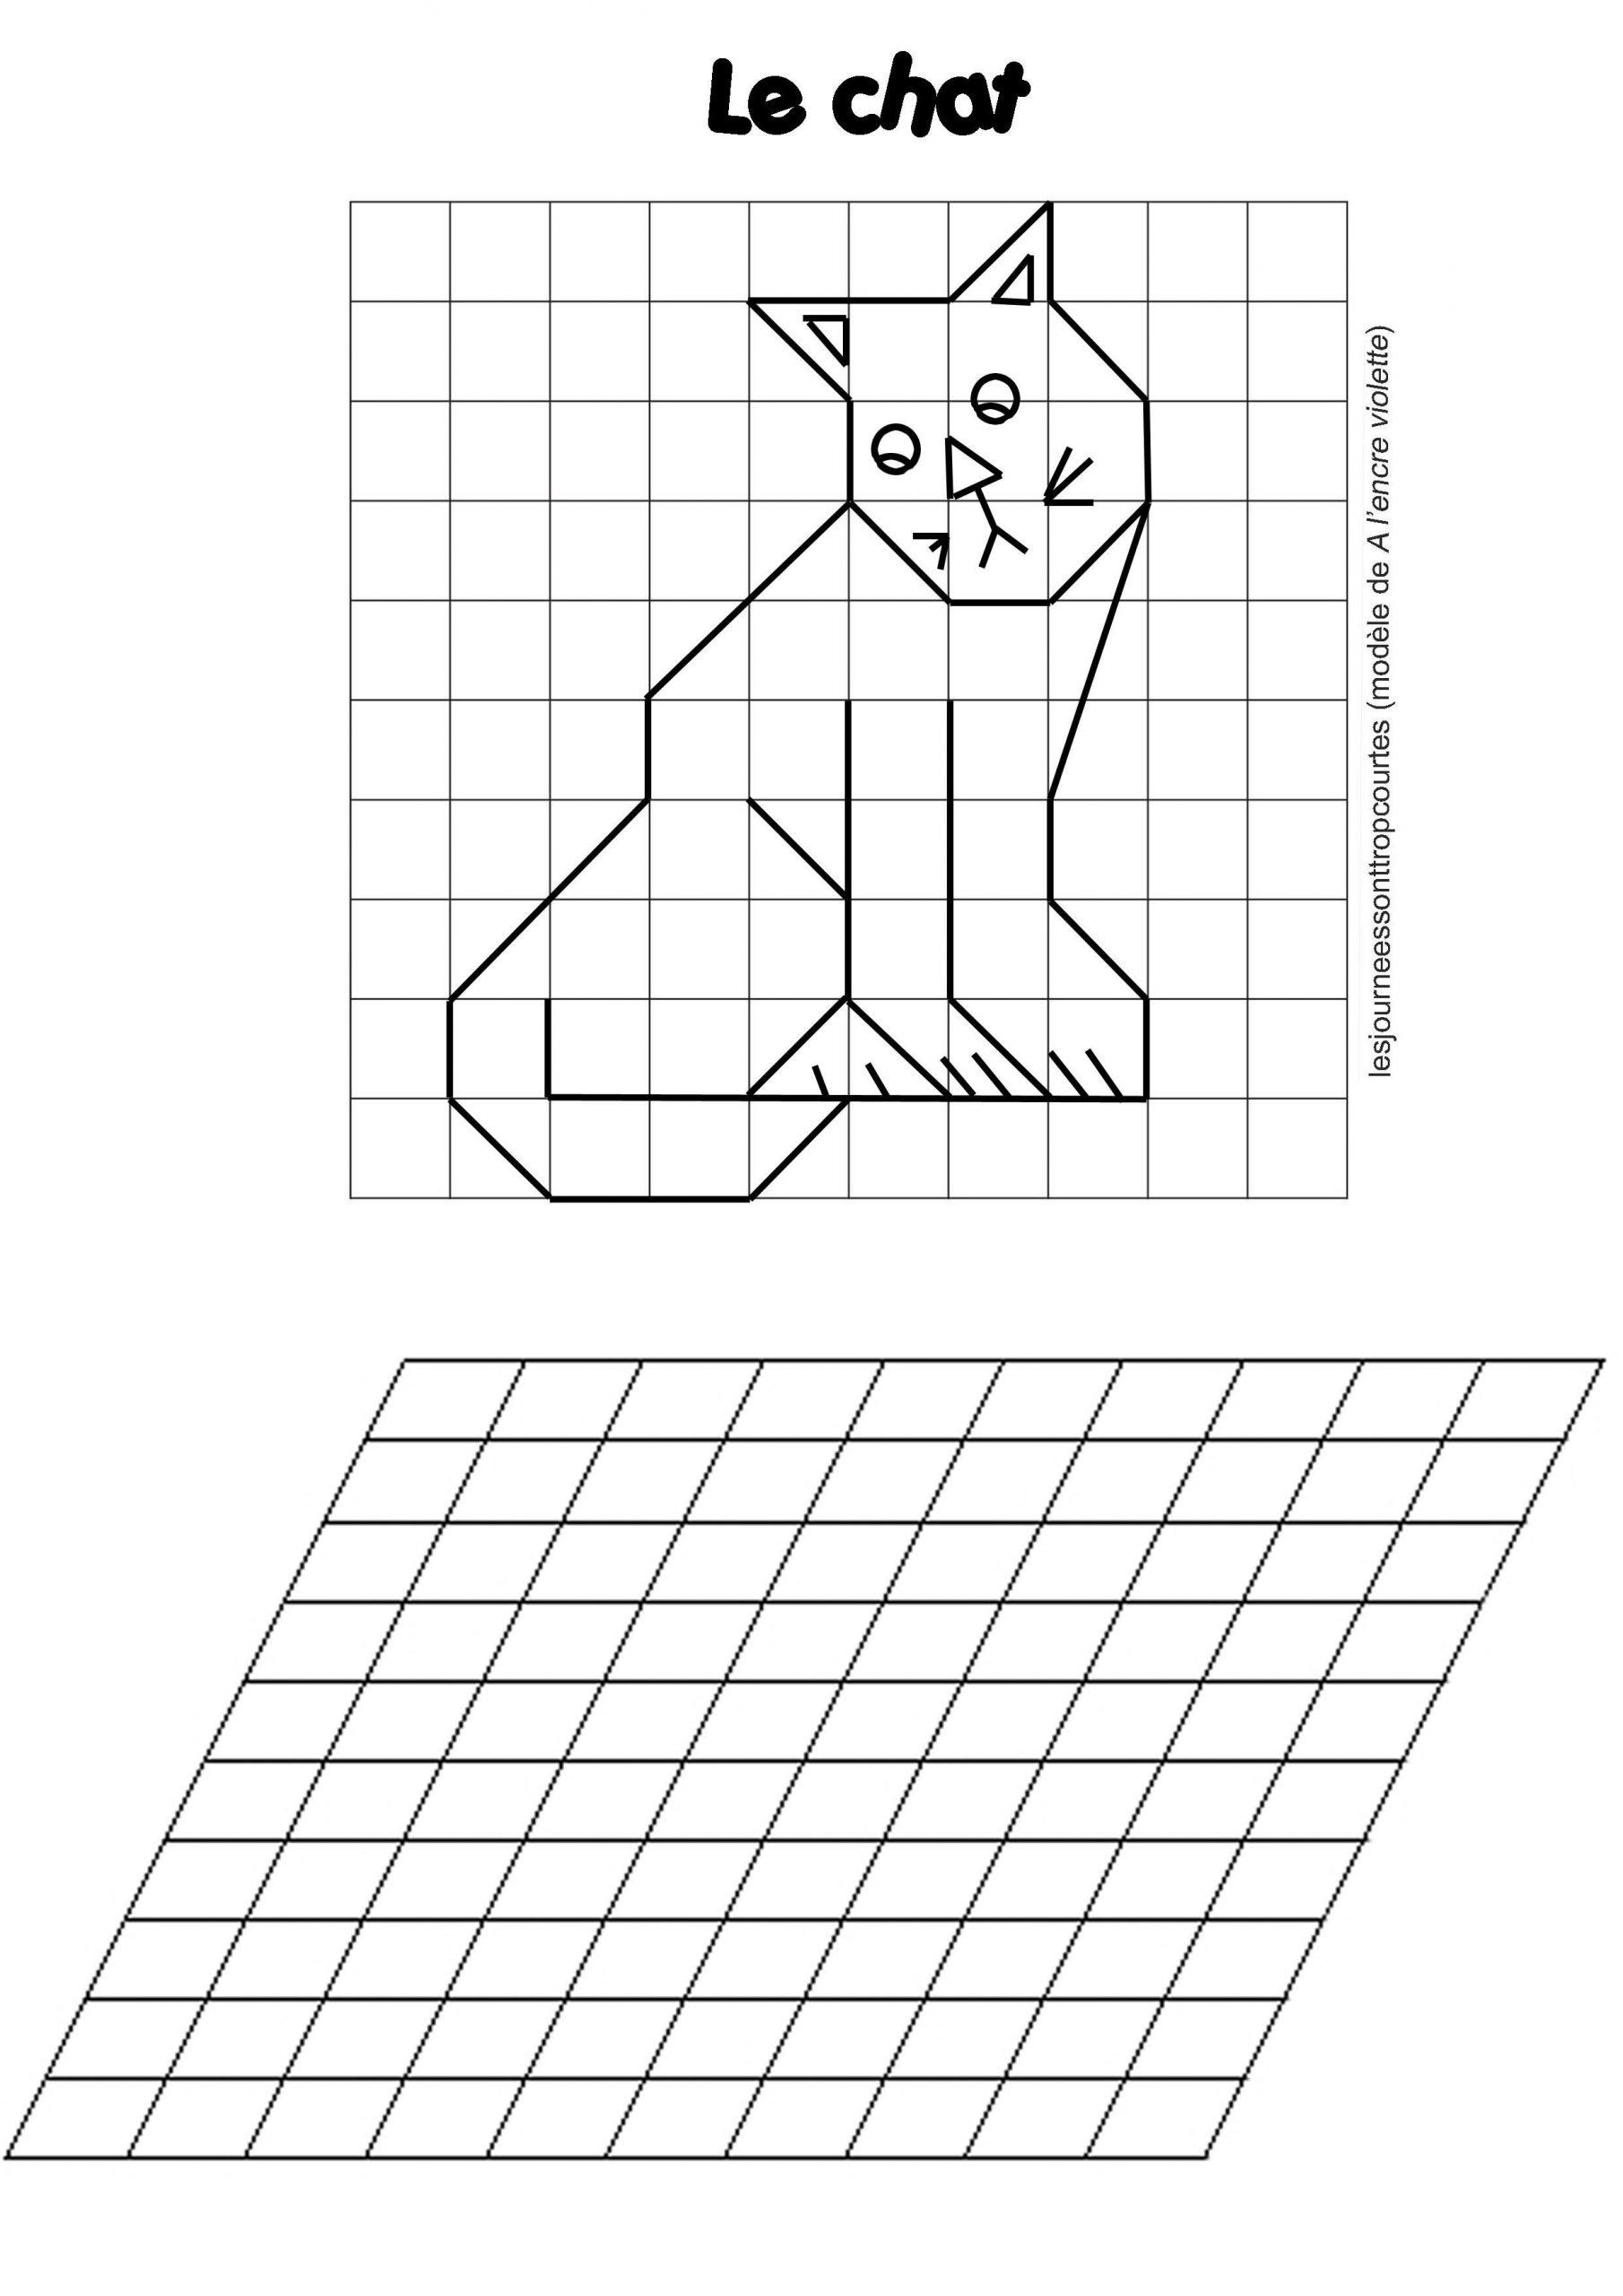 Reproduction De Figures   Dessin Quadrillage, Reproduction dedans Reproduction De Figures Ce1